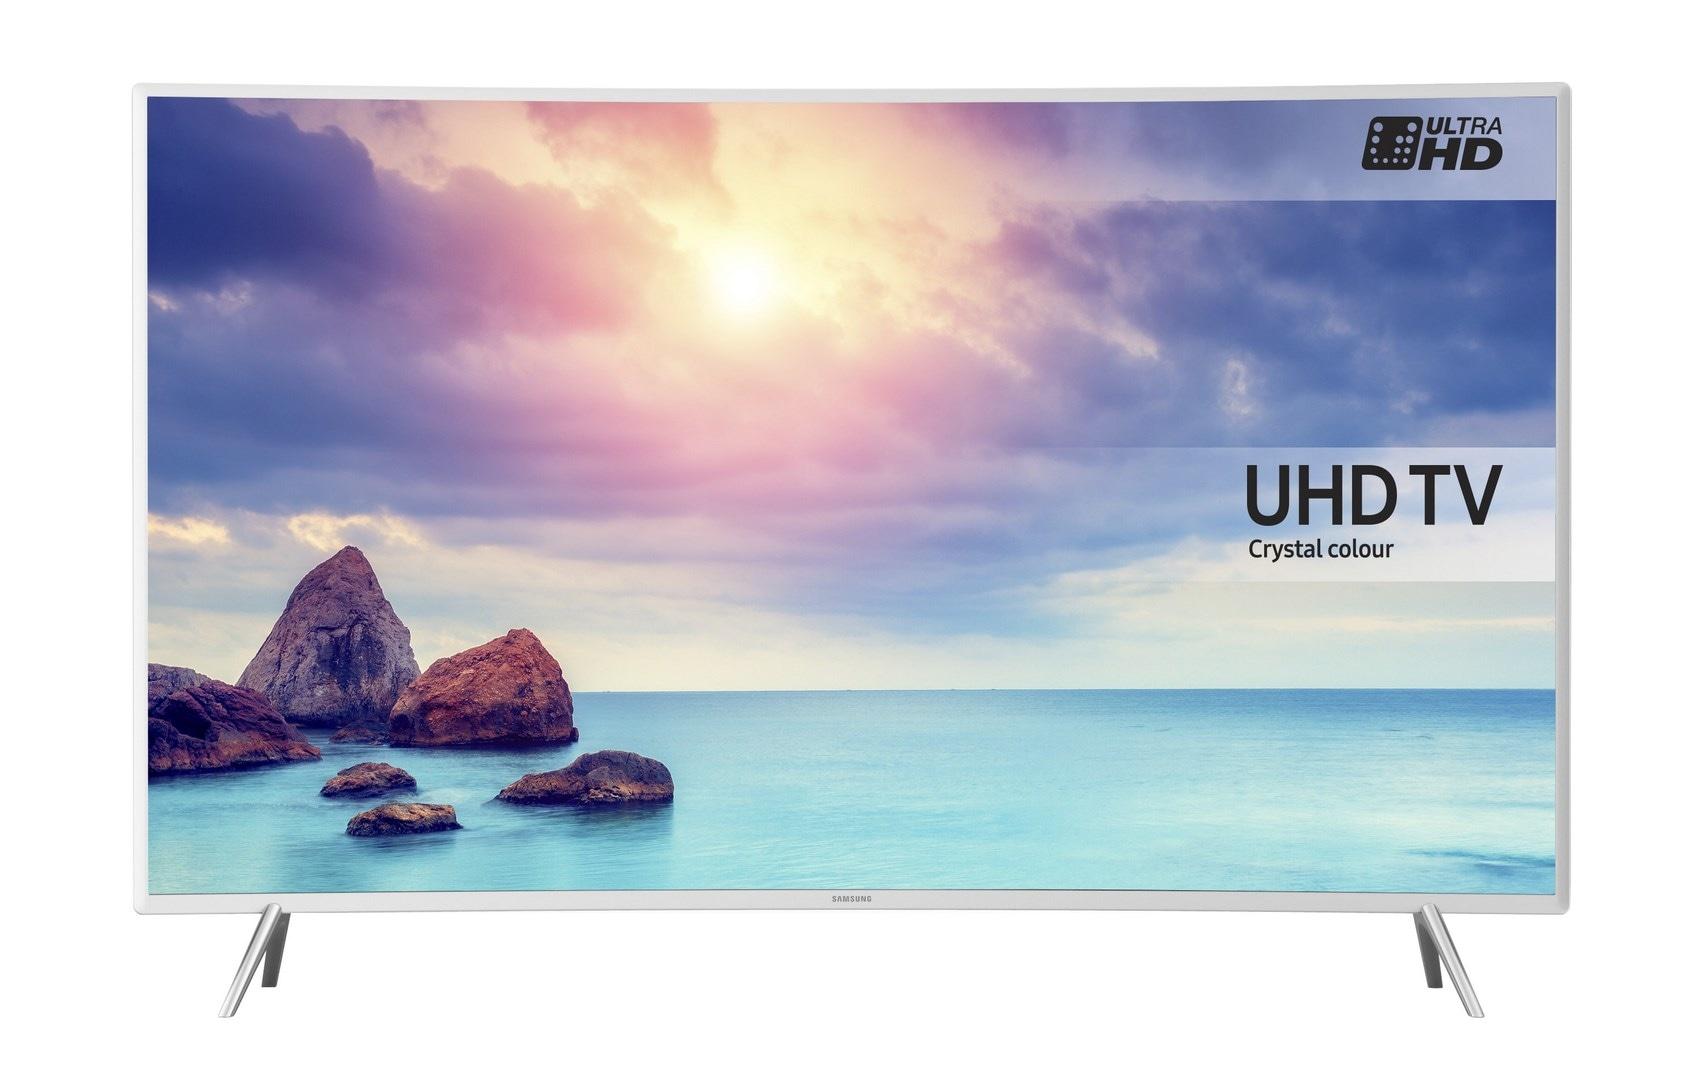 Curved Crystal Color UHD TV 6-Serie UE49KU6510